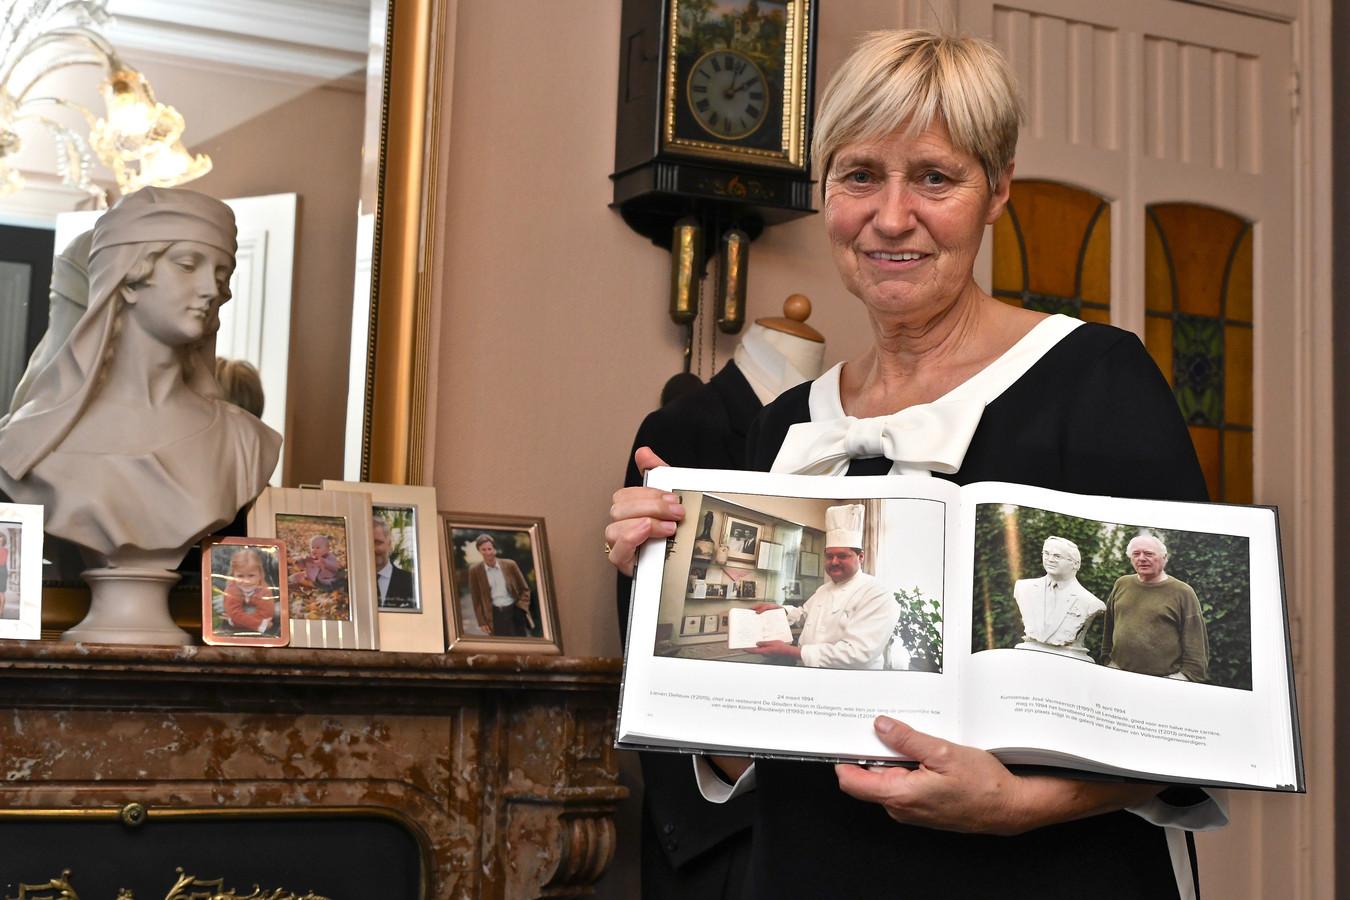 Zaakvoerster Viviane Vandoorne (62) met een boek waarin haar man een plekje kreeg.